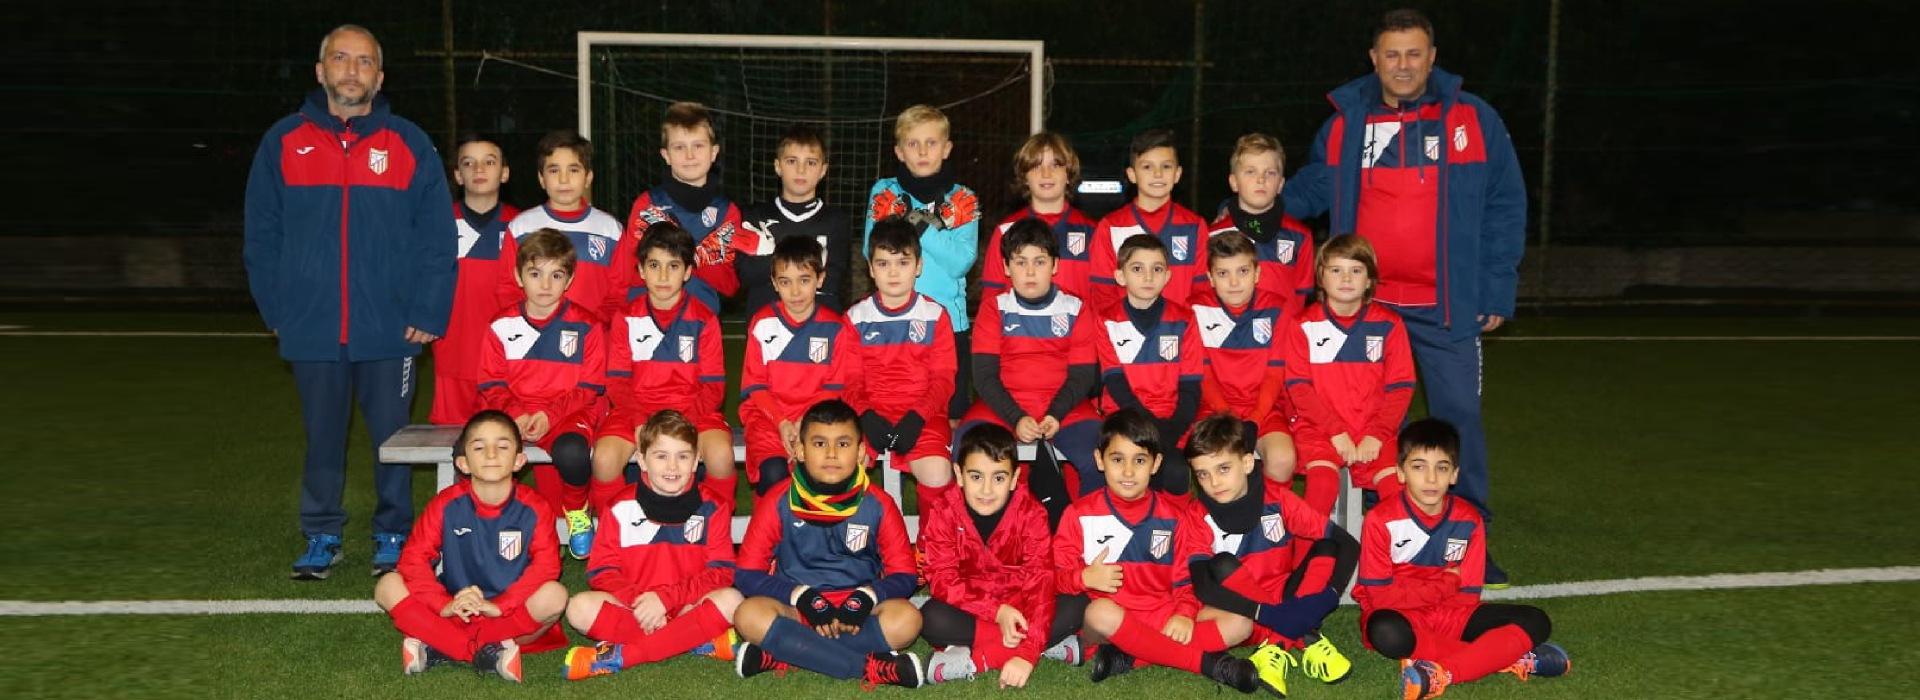 squadra under 10 calcio a 5 roma san gaspare